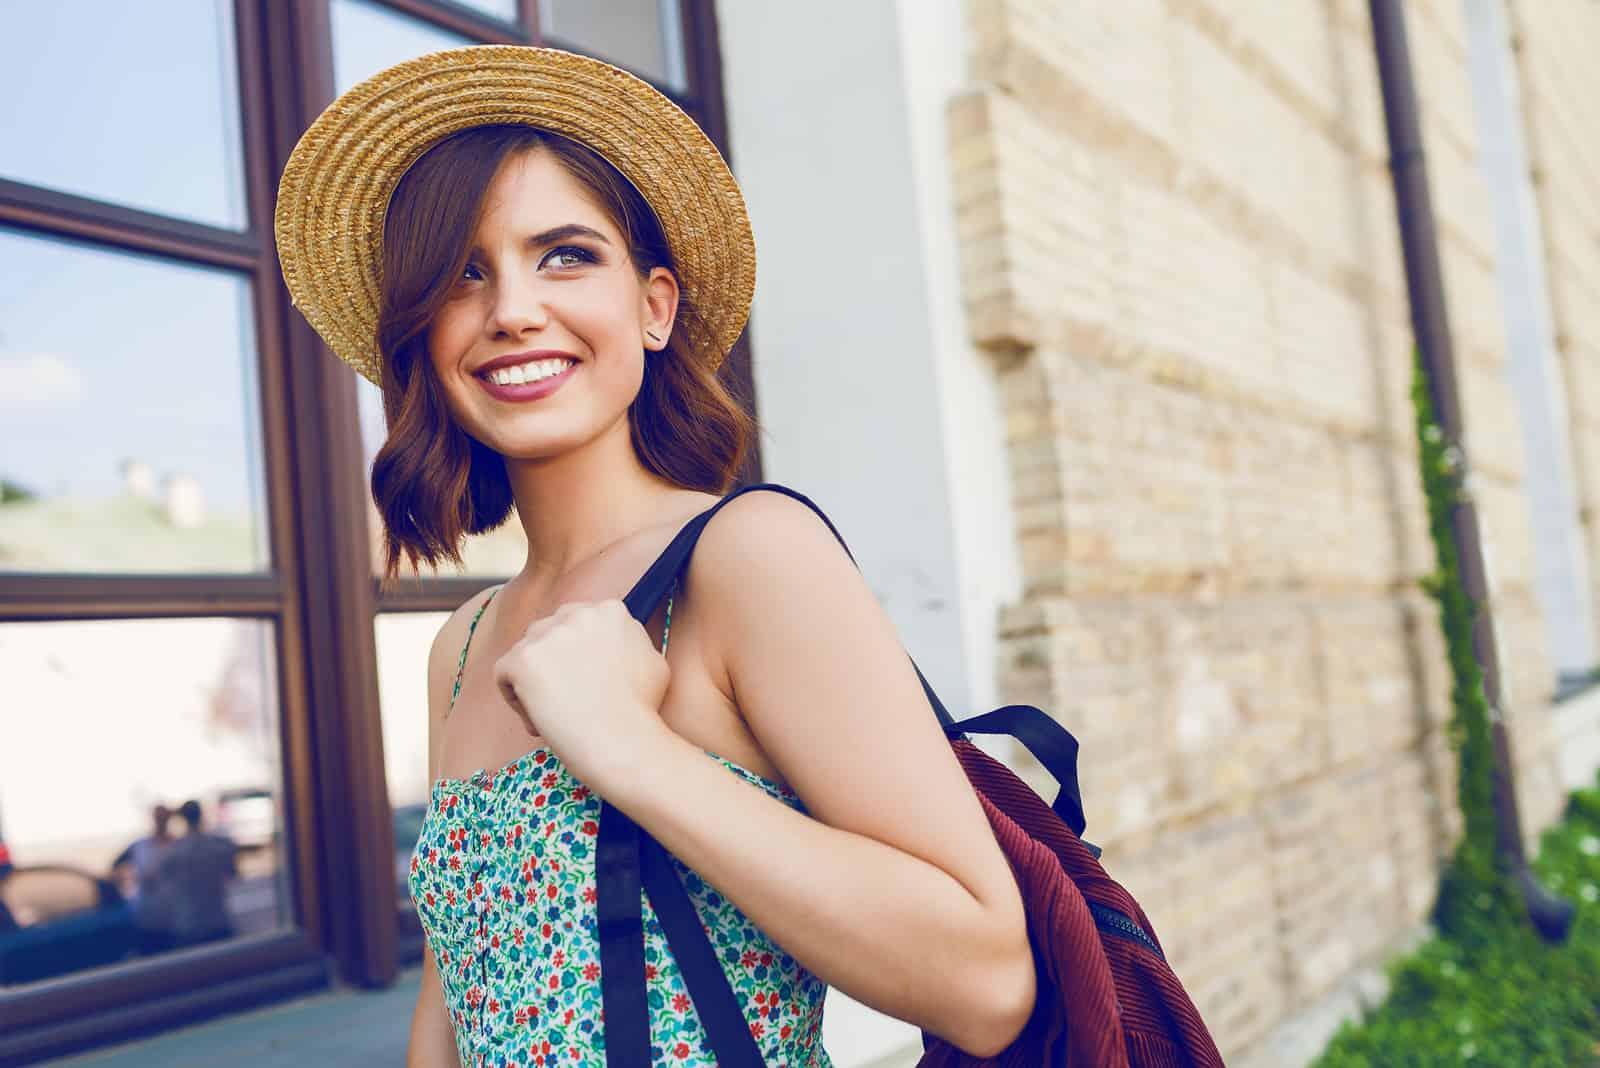 une femme souriante avec un chapeau sur la tête